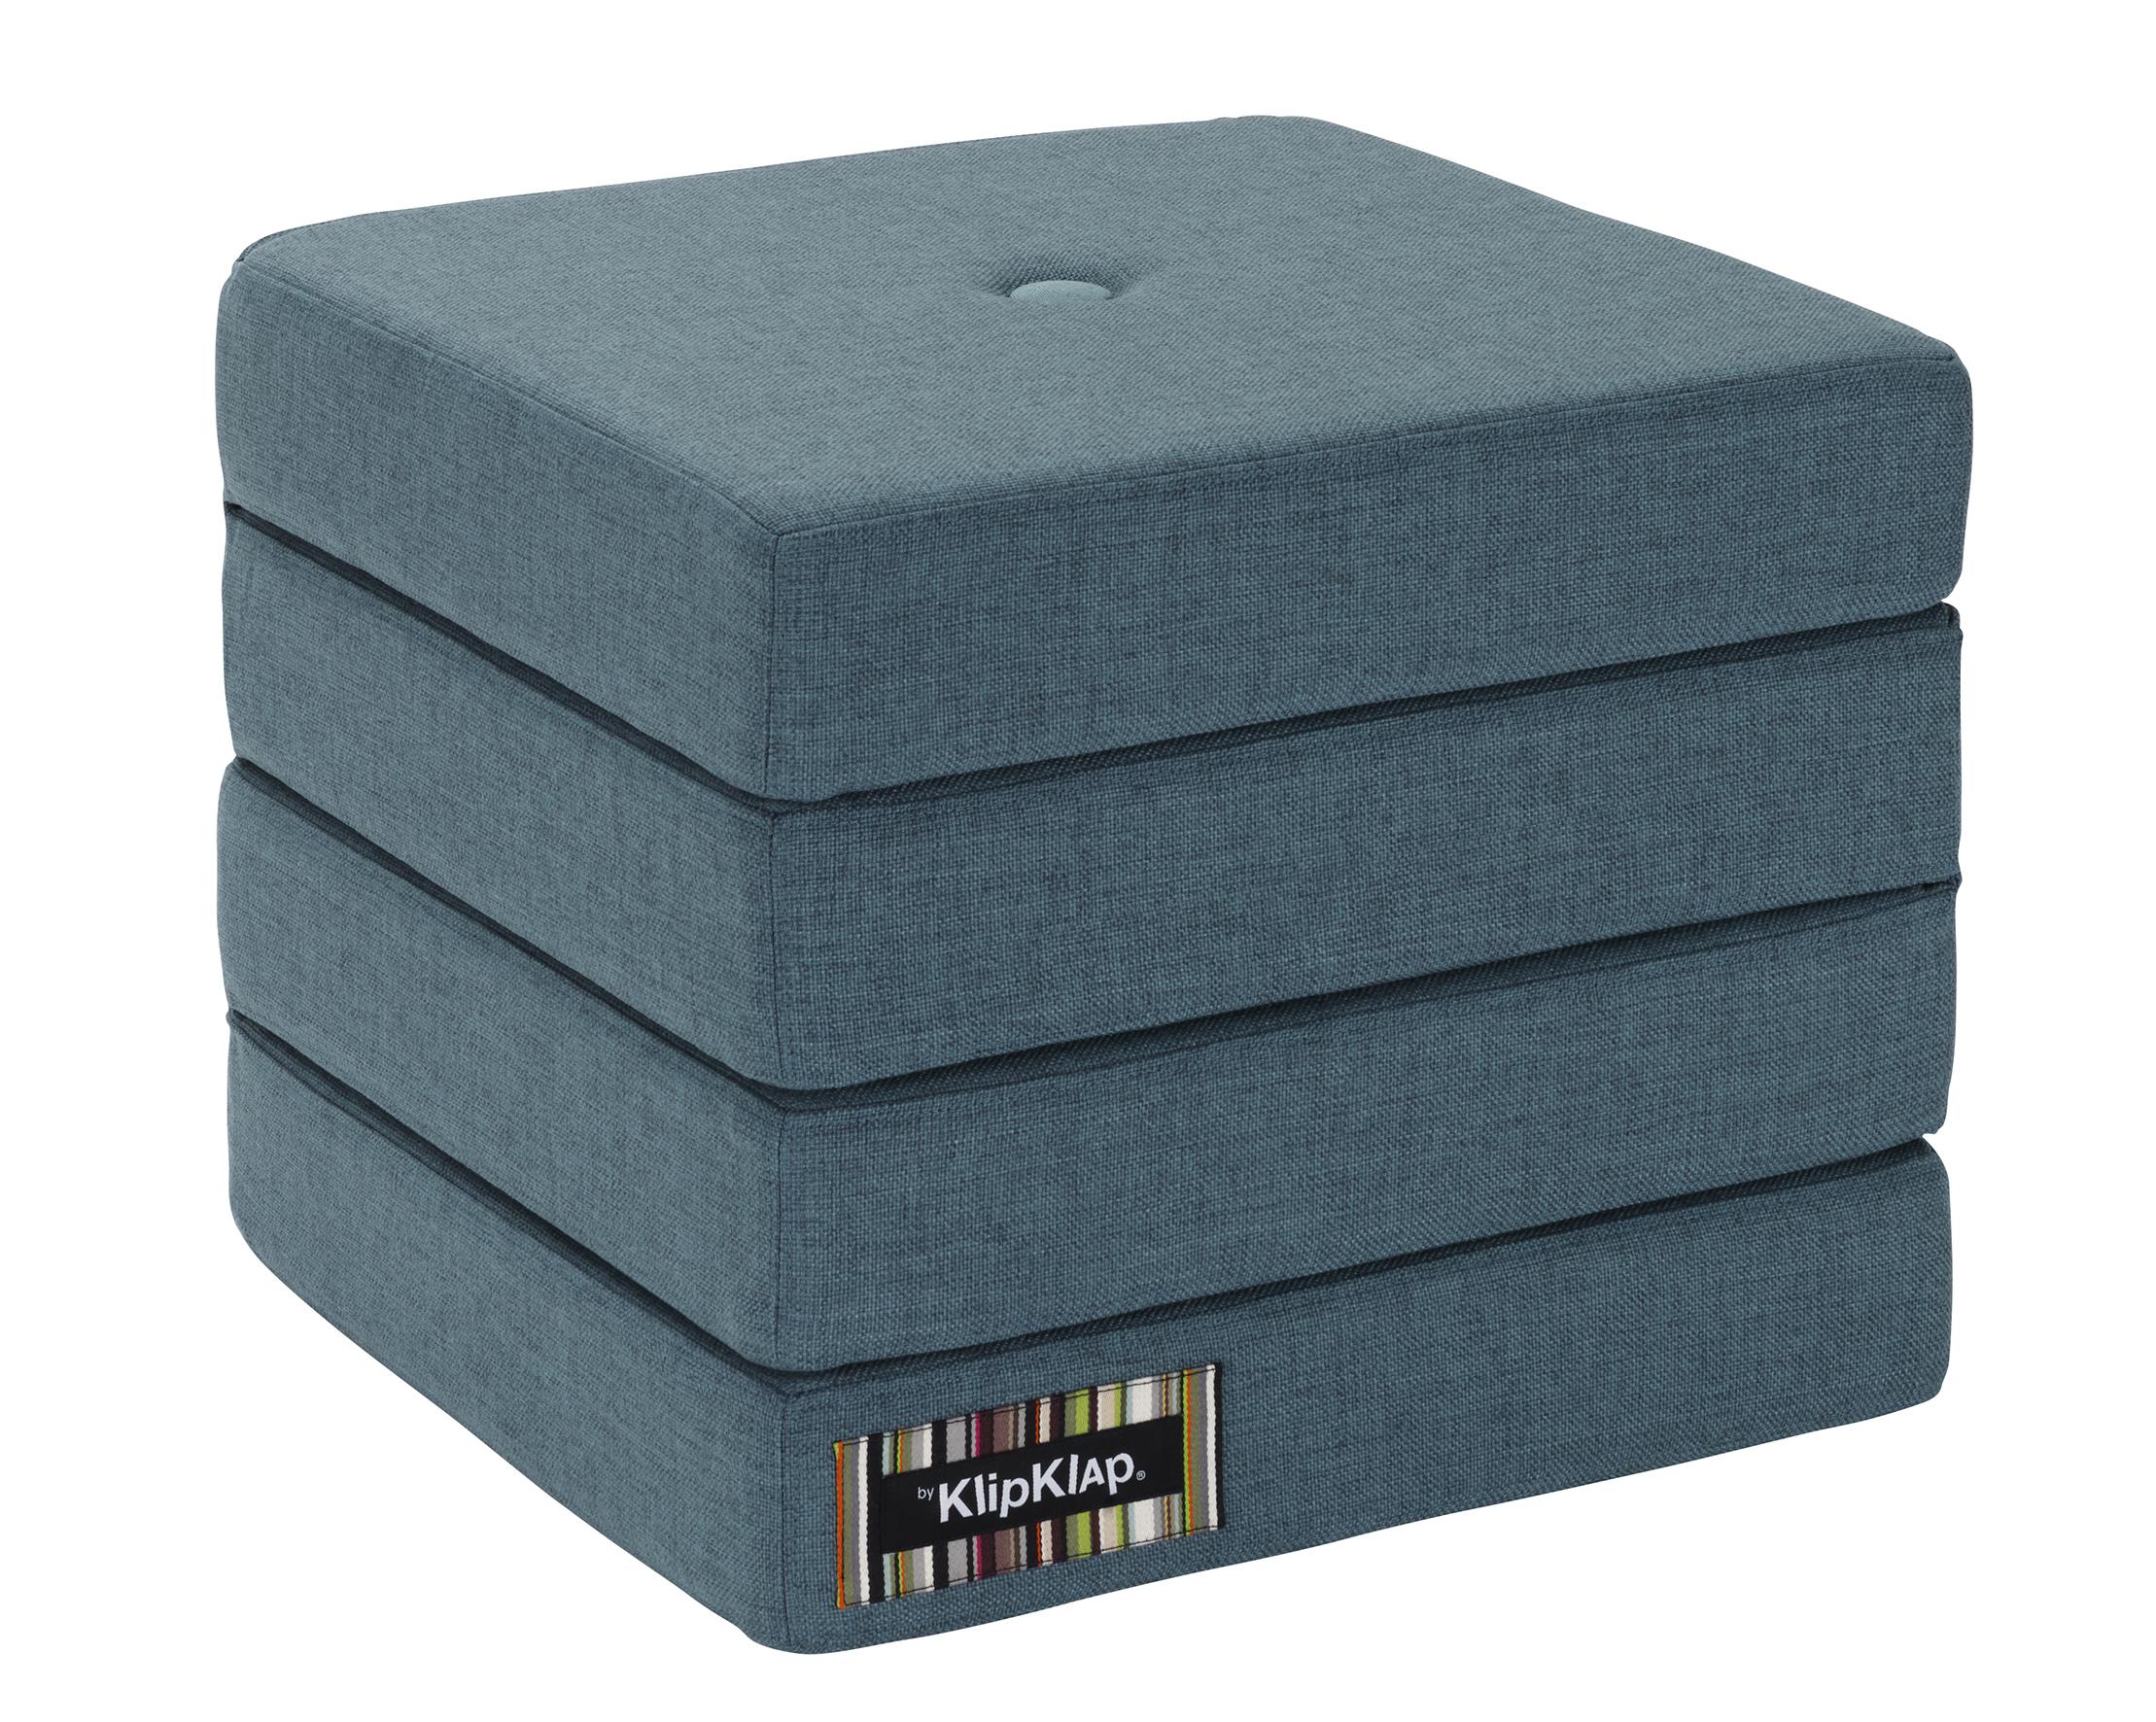 Image of   By KlipKlap 4 fold foldemadras støvet blå / blå